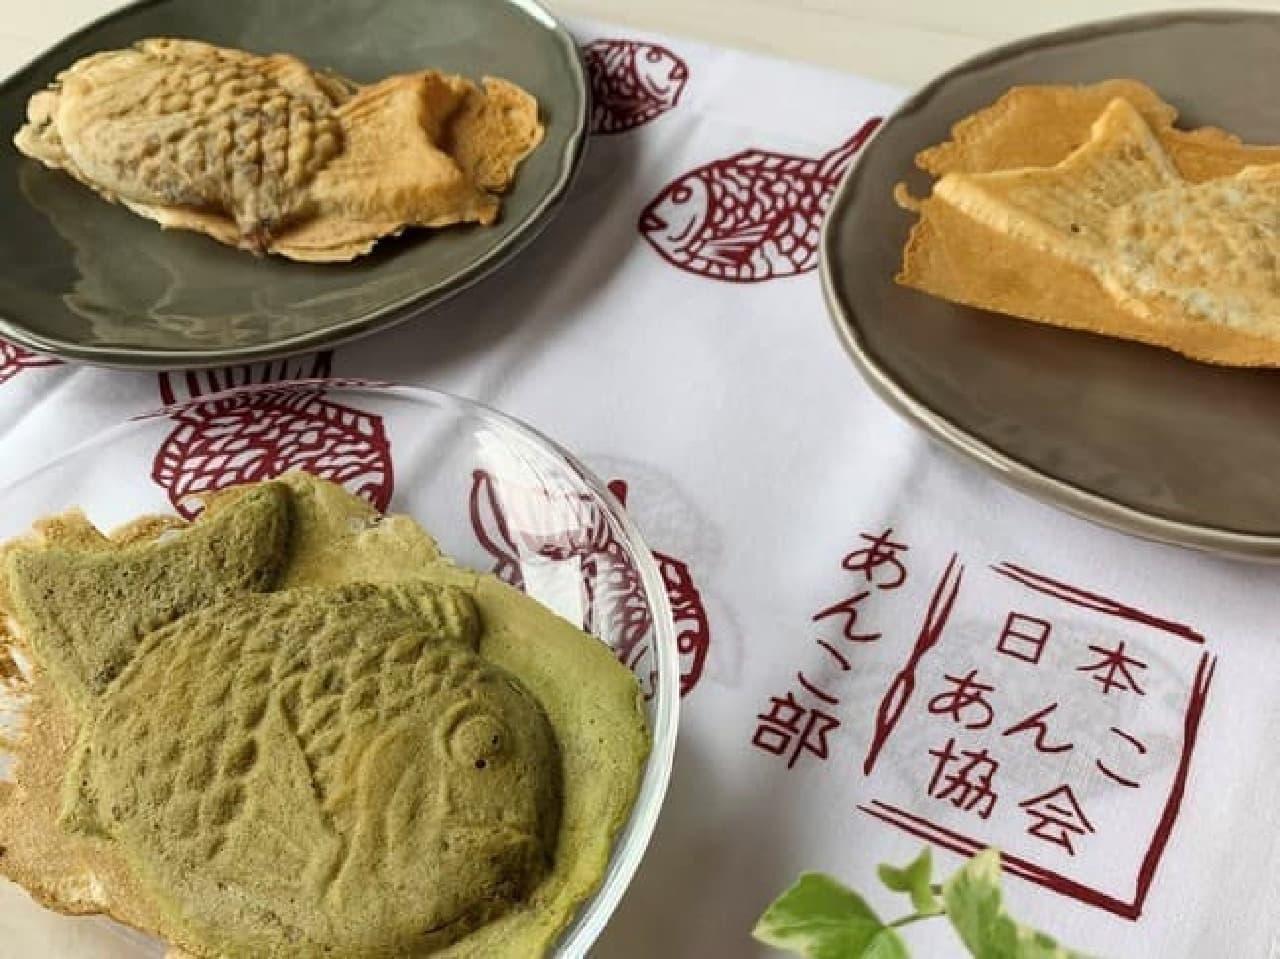 たい焼き柄の手ぬぐいが日本あんこ協会から -- 「ホワイト」と「アズキレッド」の2種類